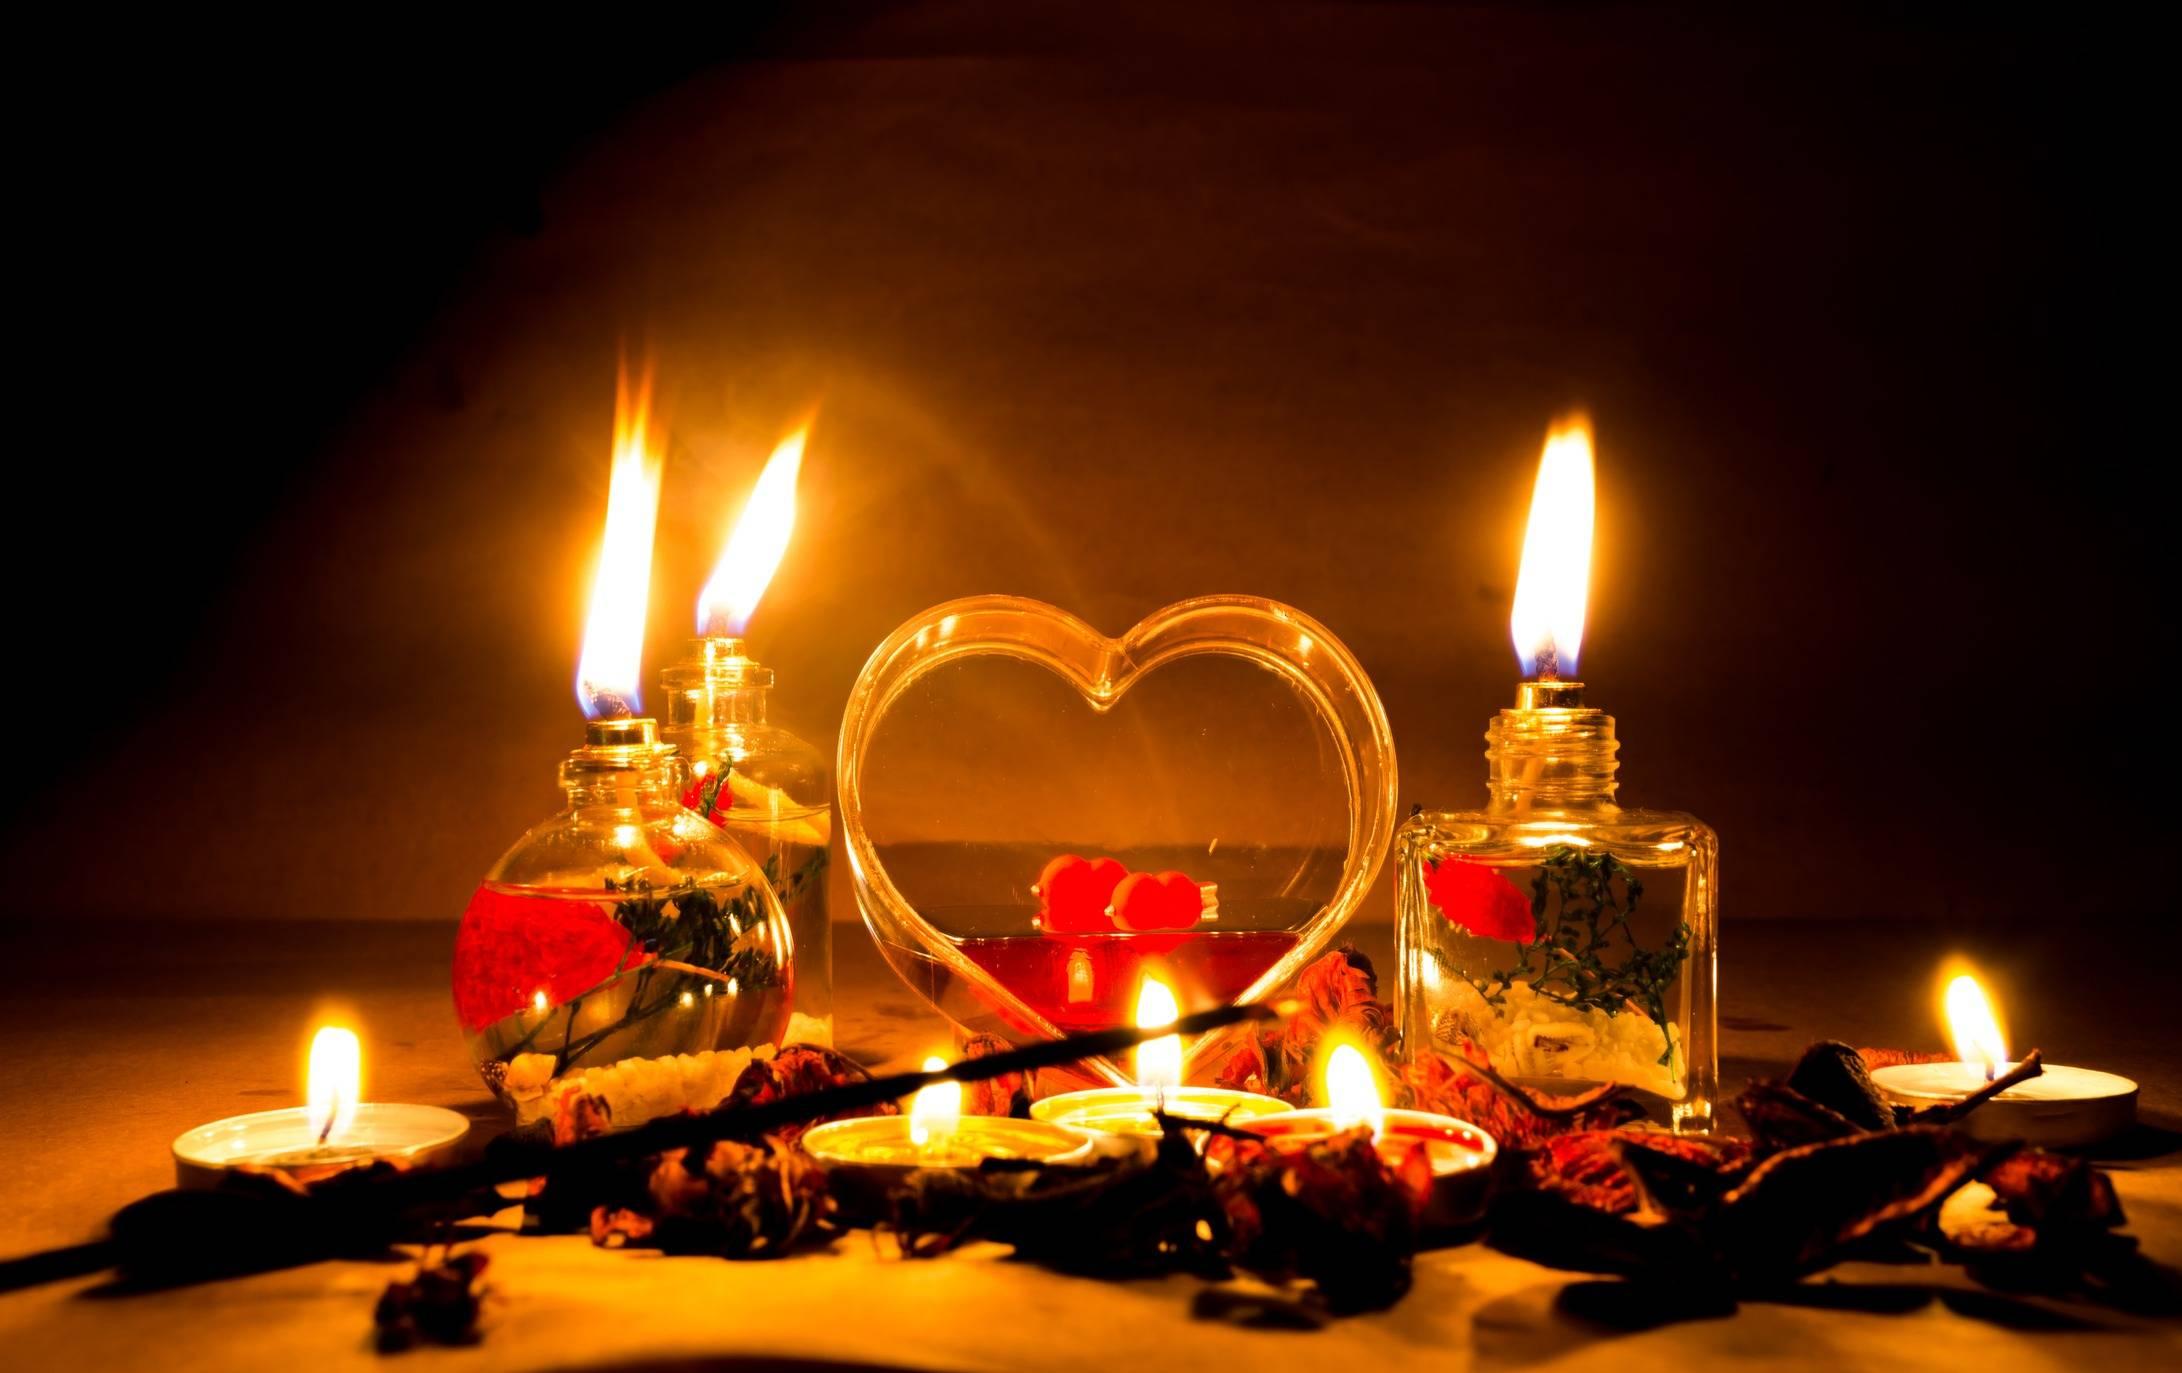 День святого валентина 14 февраля, день всех влюбленных | бесплатные онлайн гадания. магия. предсказания.